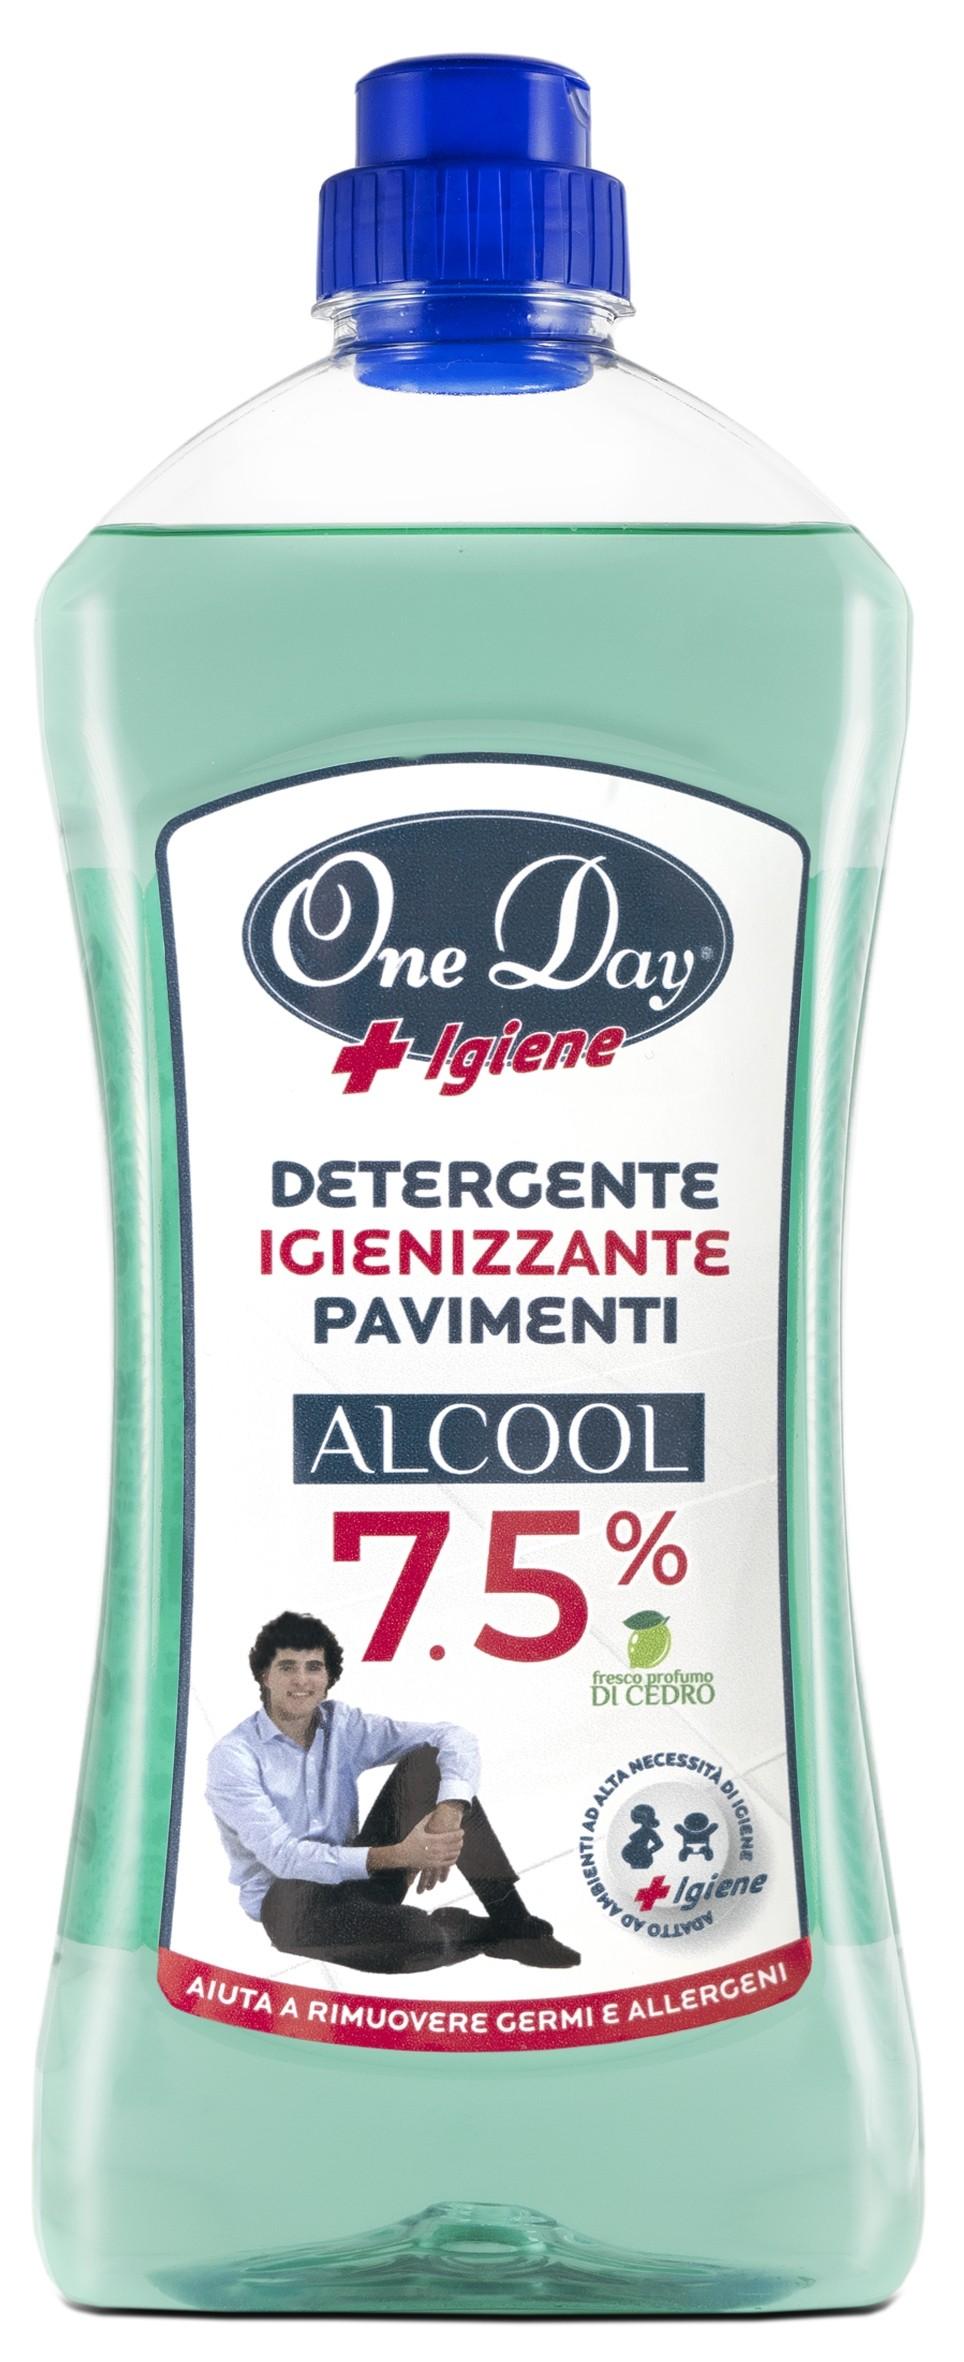 DETERGENTE IGIENIZZANTE PAVIMENTI ALCOOL 7.5%